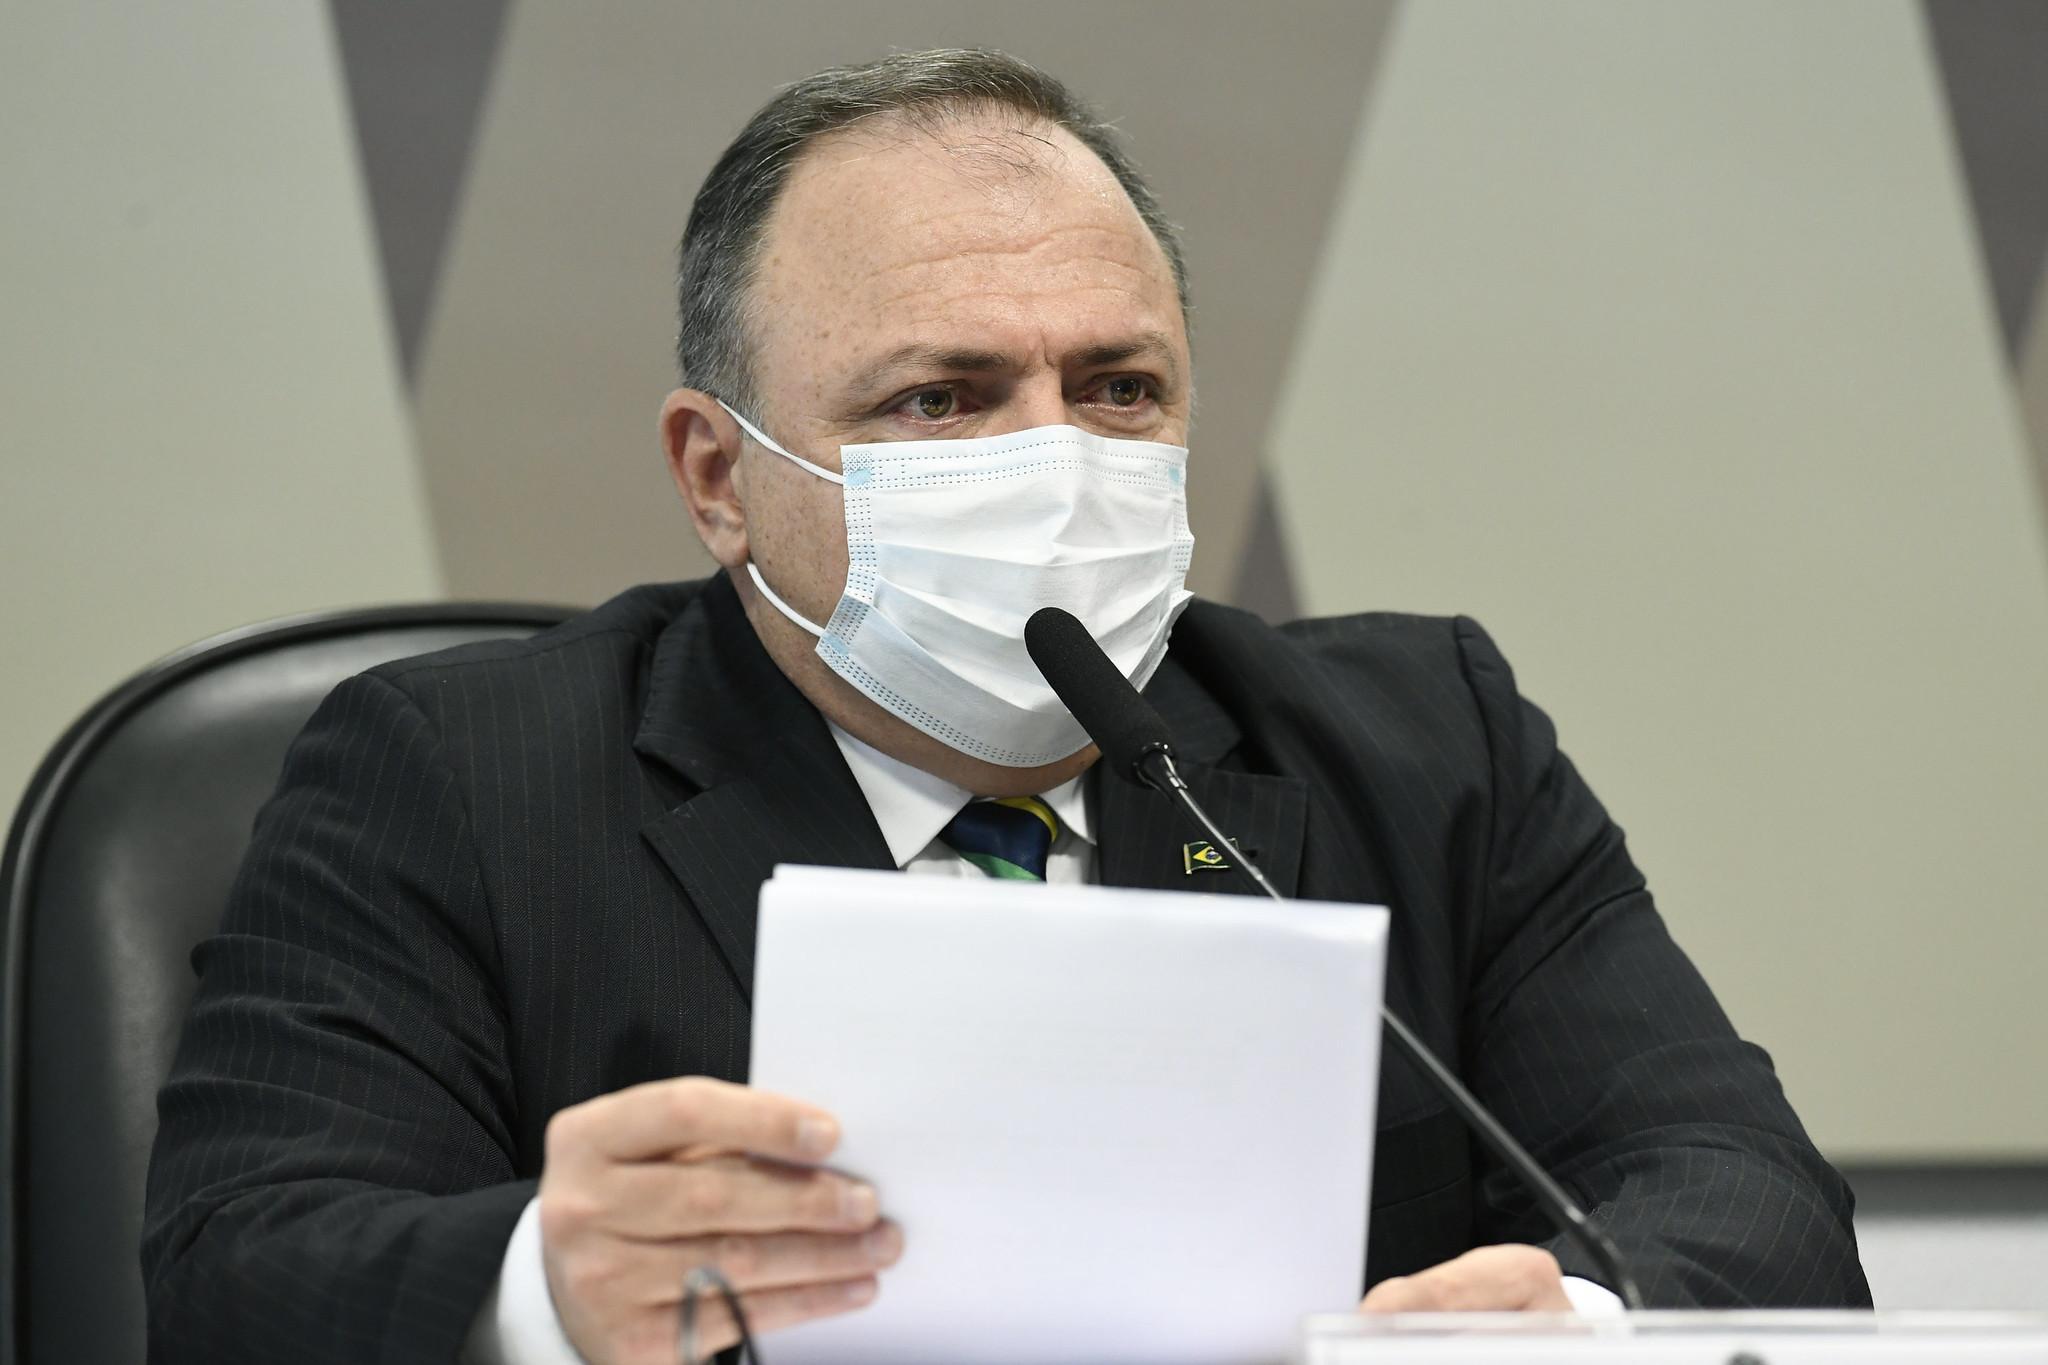 IMAGEM: Governo do Amazonas alertou sobre falta de respiradores um mês antes da crise de Manaus